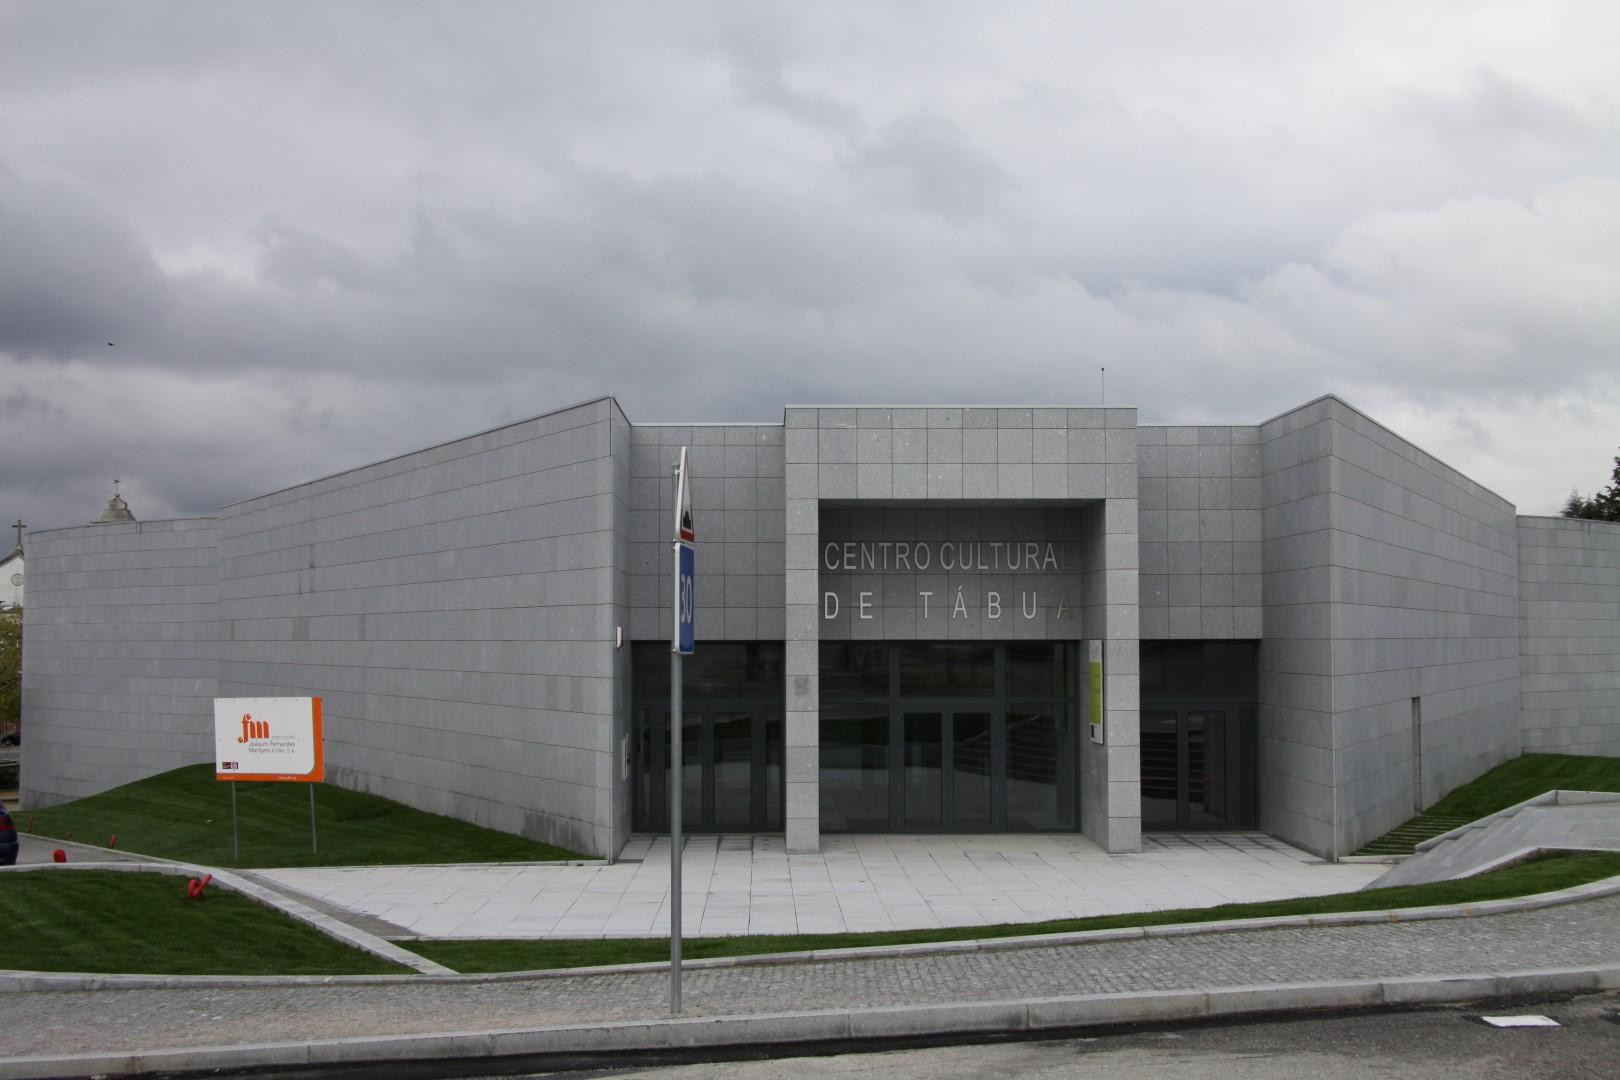 Centro Cultural 19